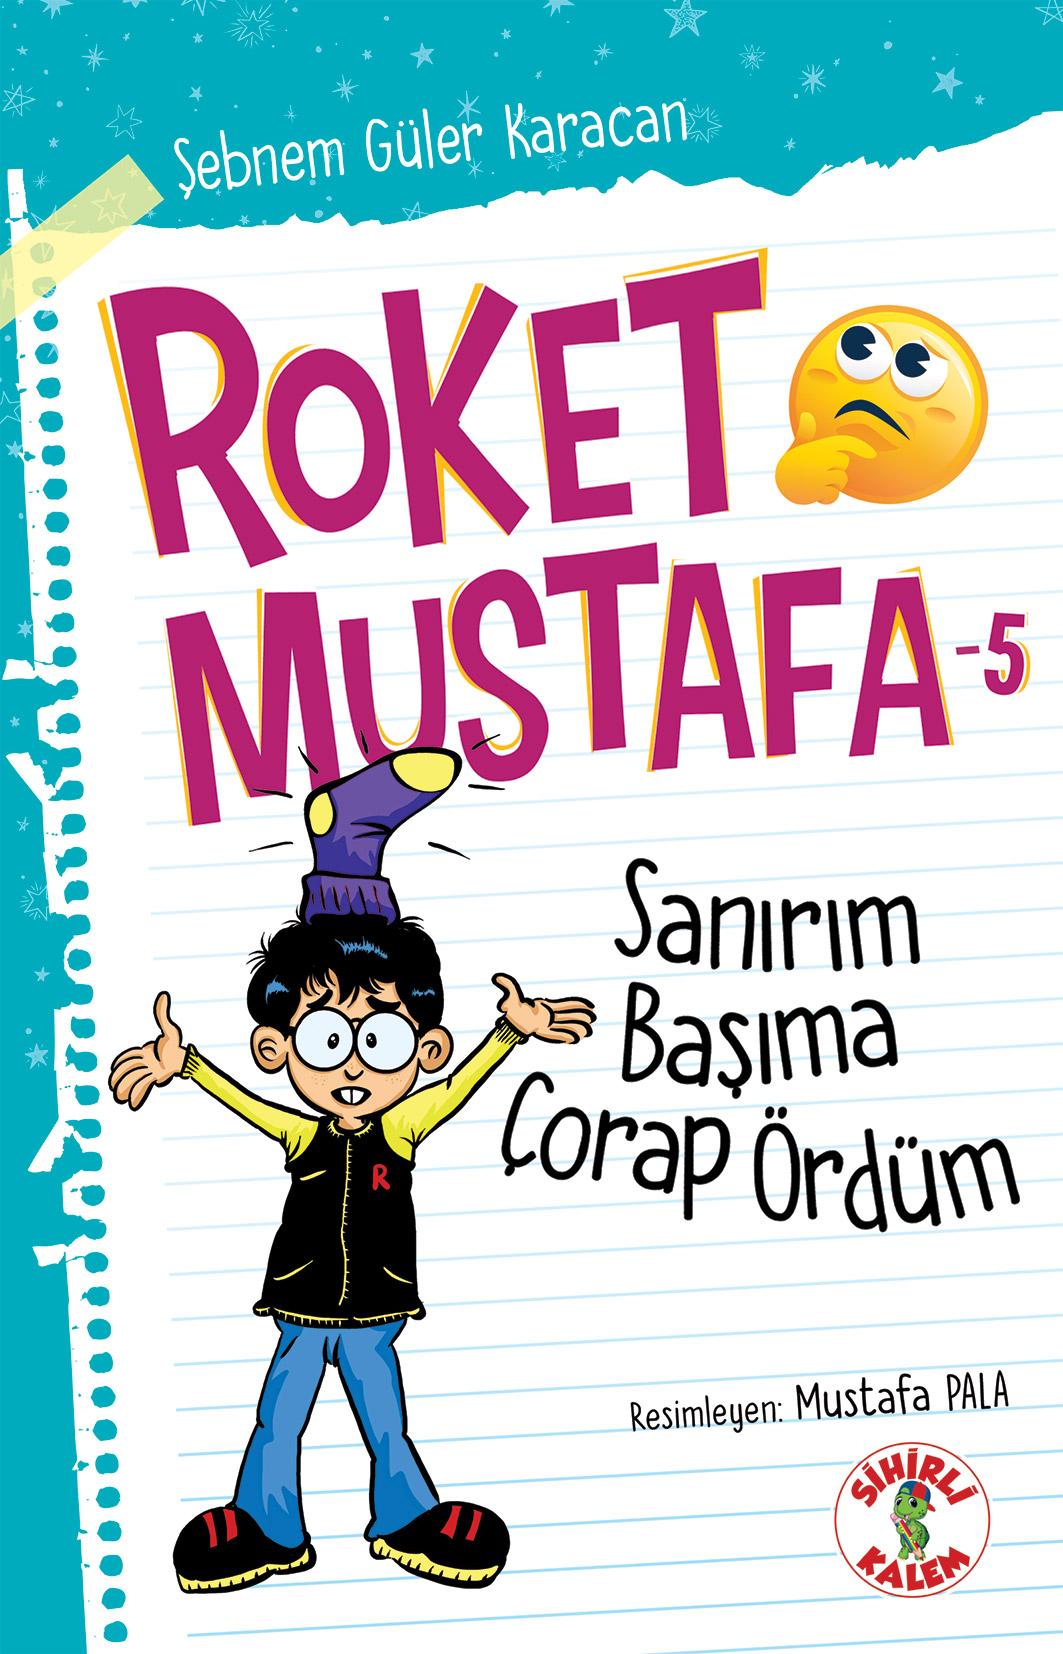 Roket Mustafa -5- Sanırım Başıma Çorap Ördüm